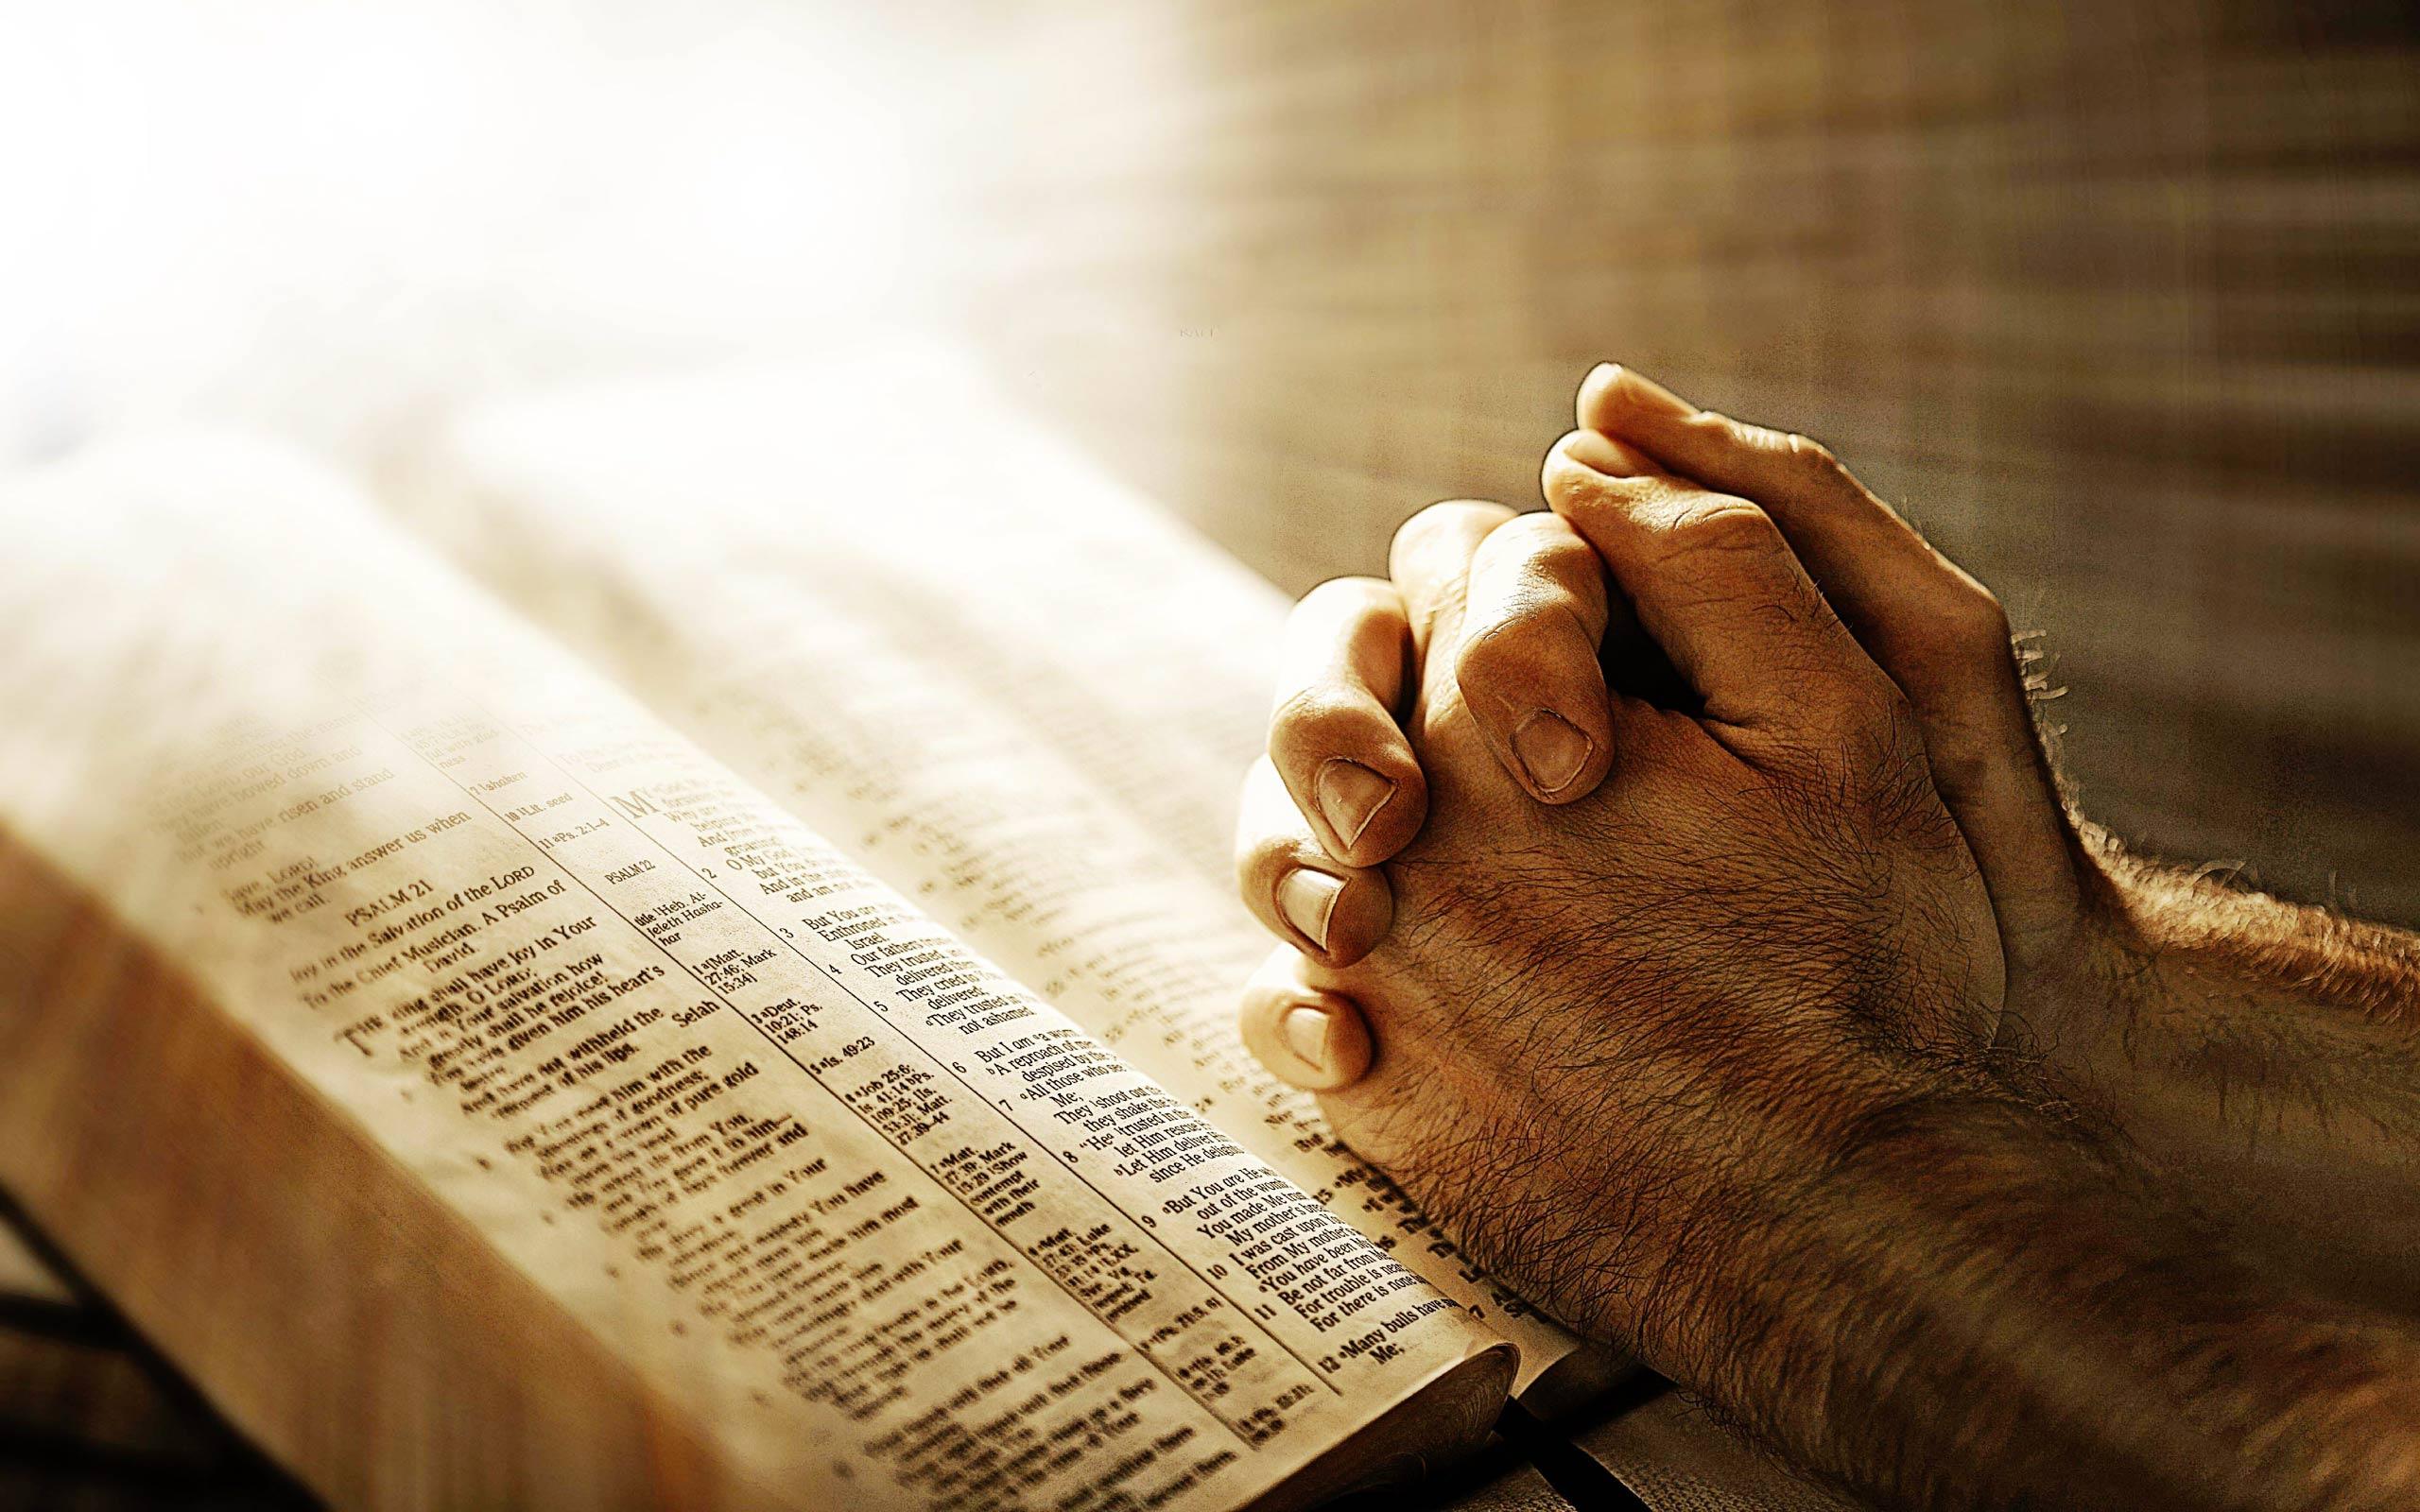 Открытки с покаянием, решеткой